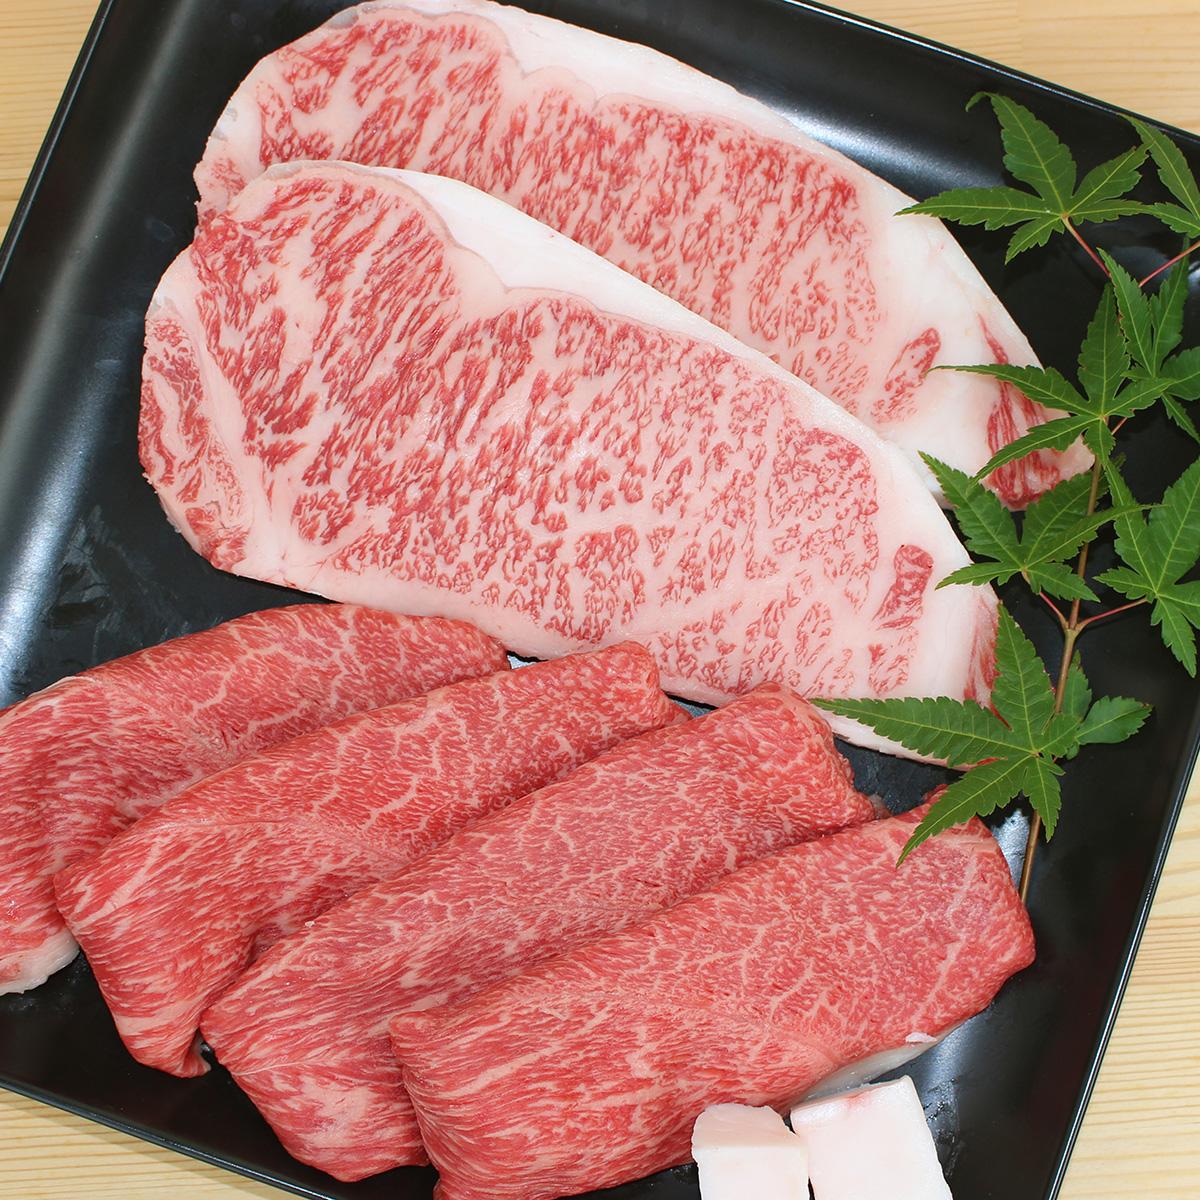 【ふるさと納税】博多和牛 オリジナルセット(サーロインステーキ2枚入り400g、上スライス450gのセット)